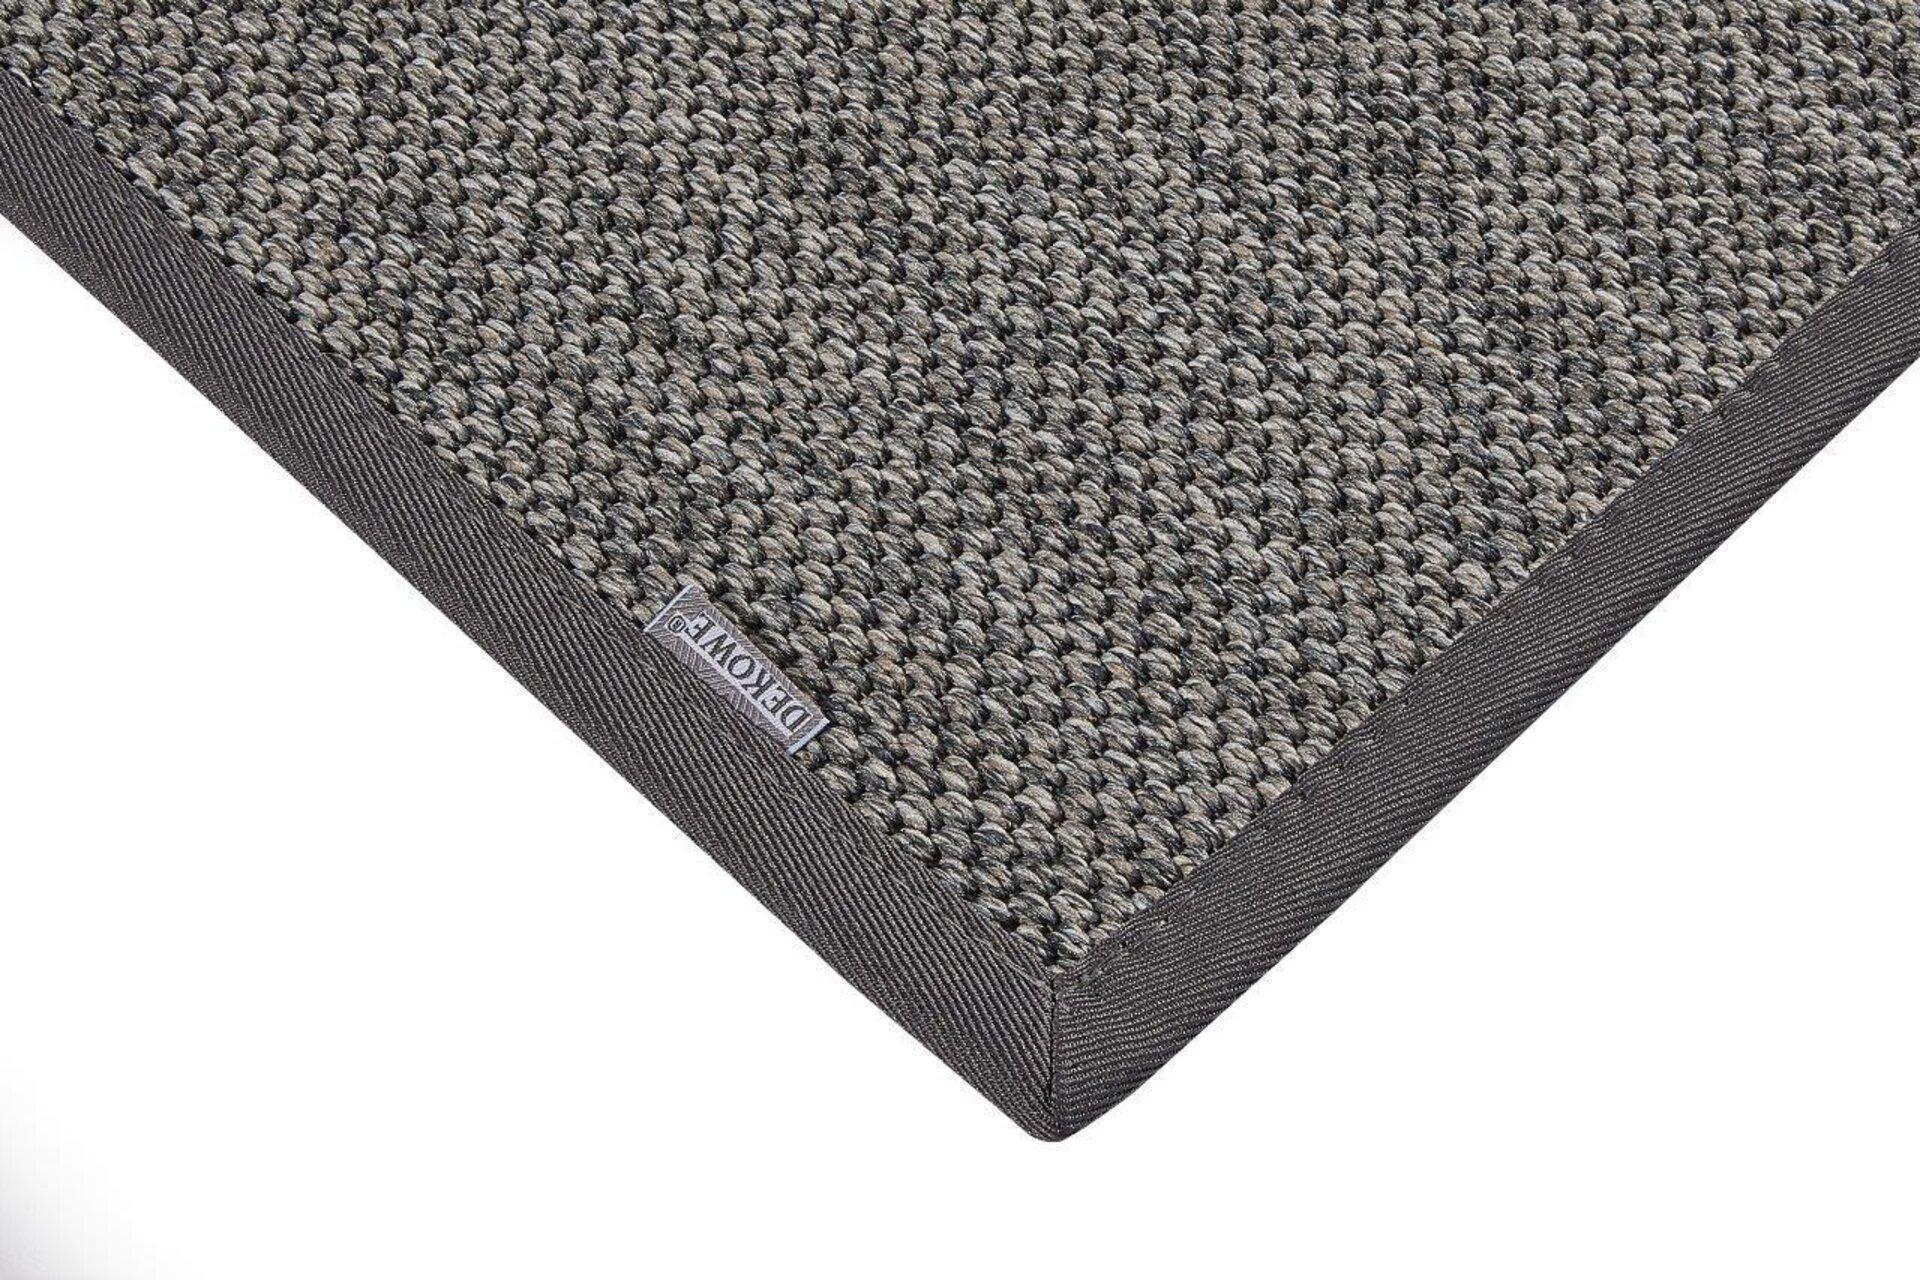 Outdoorteppich Naturino Prestige S1 DEKOWE Textil 67 x 133 cm